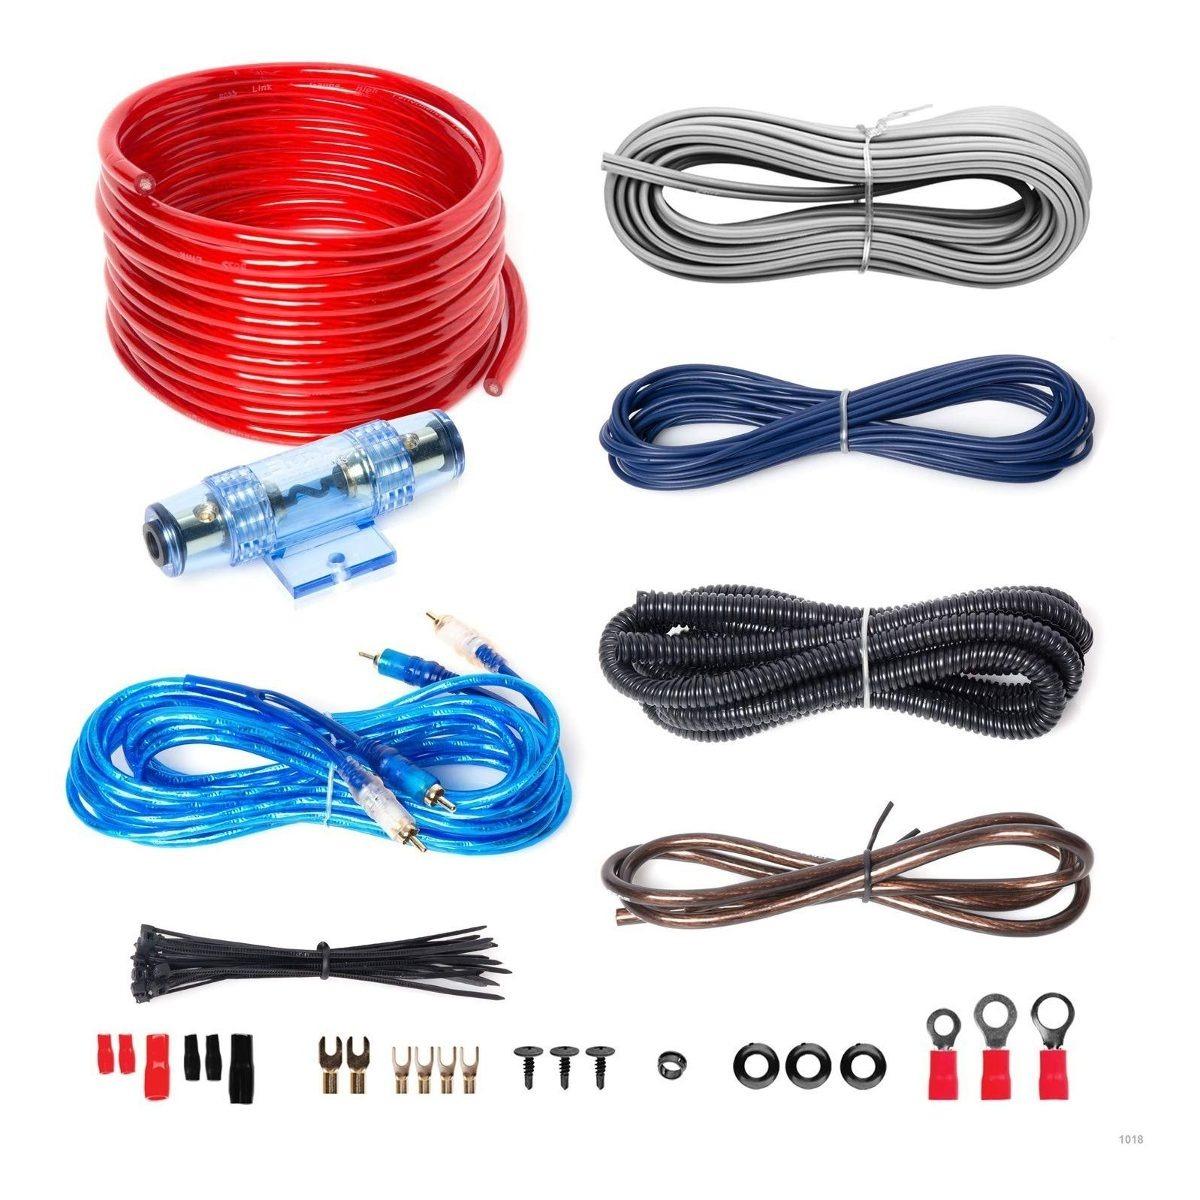 Boss Audio Kit2 8 Gauge Amplifier Installation Wiring Kit on